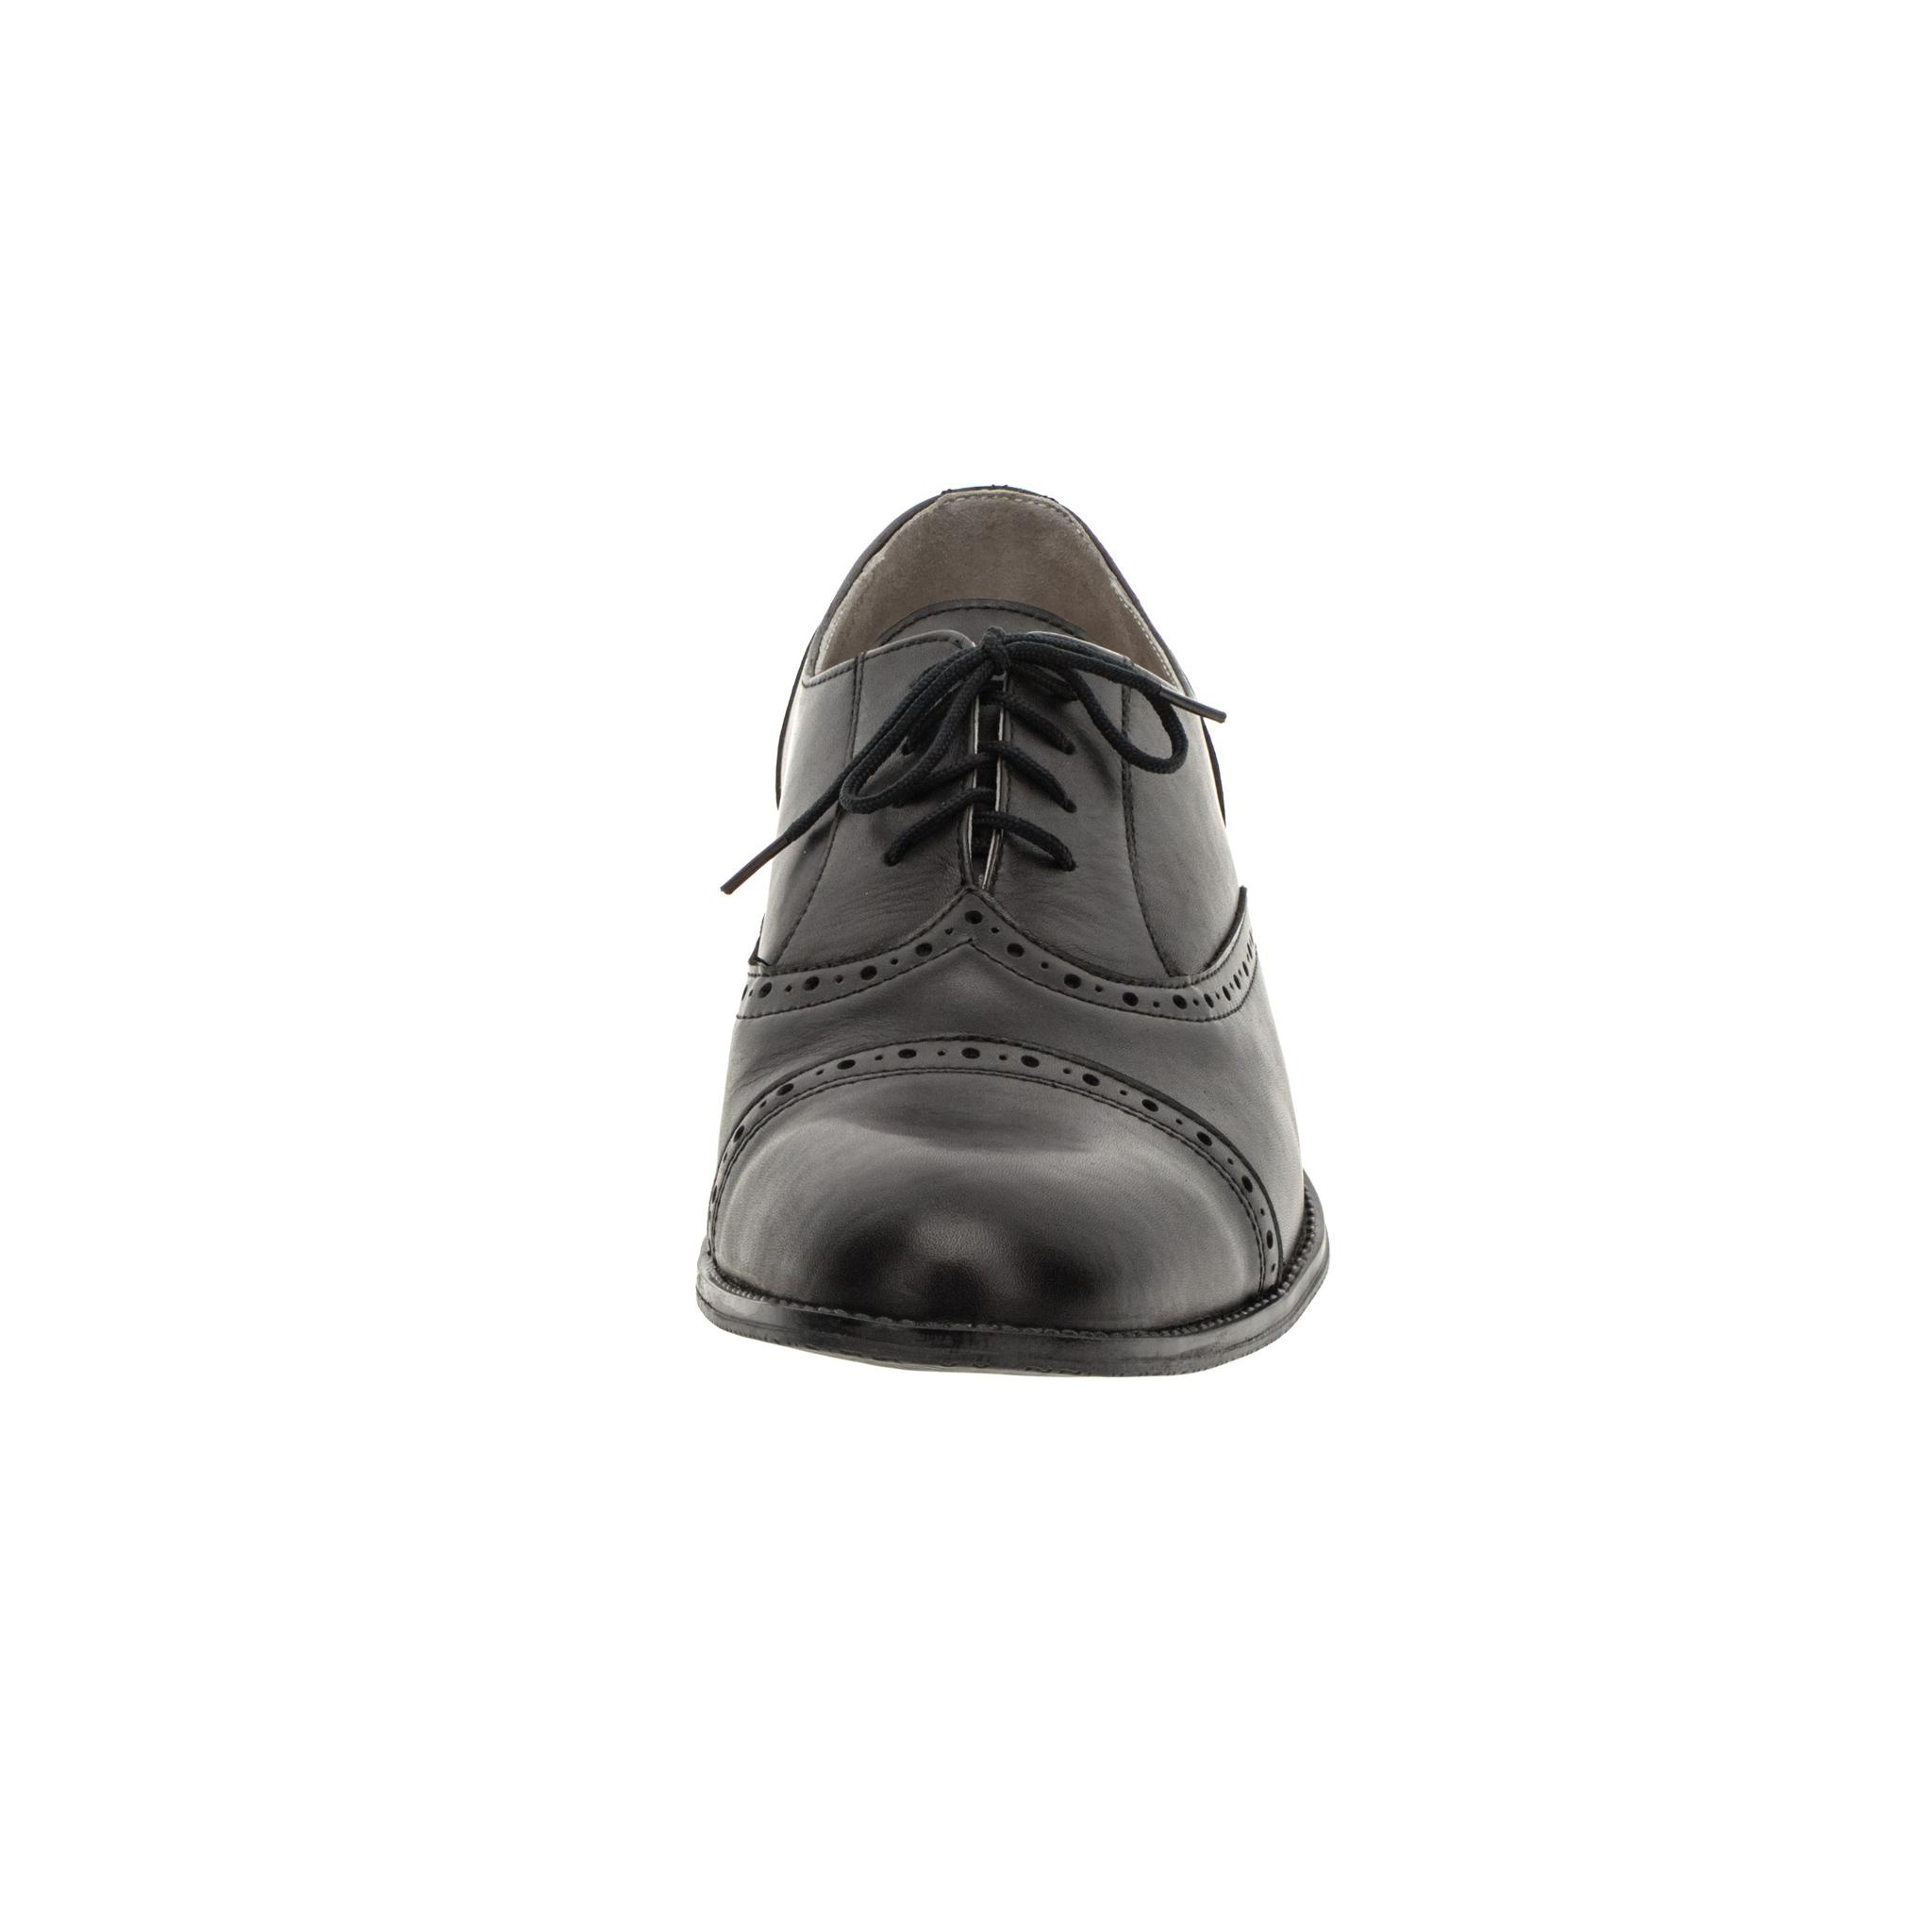 597297 туфли мужские больших размеров марки Делфино